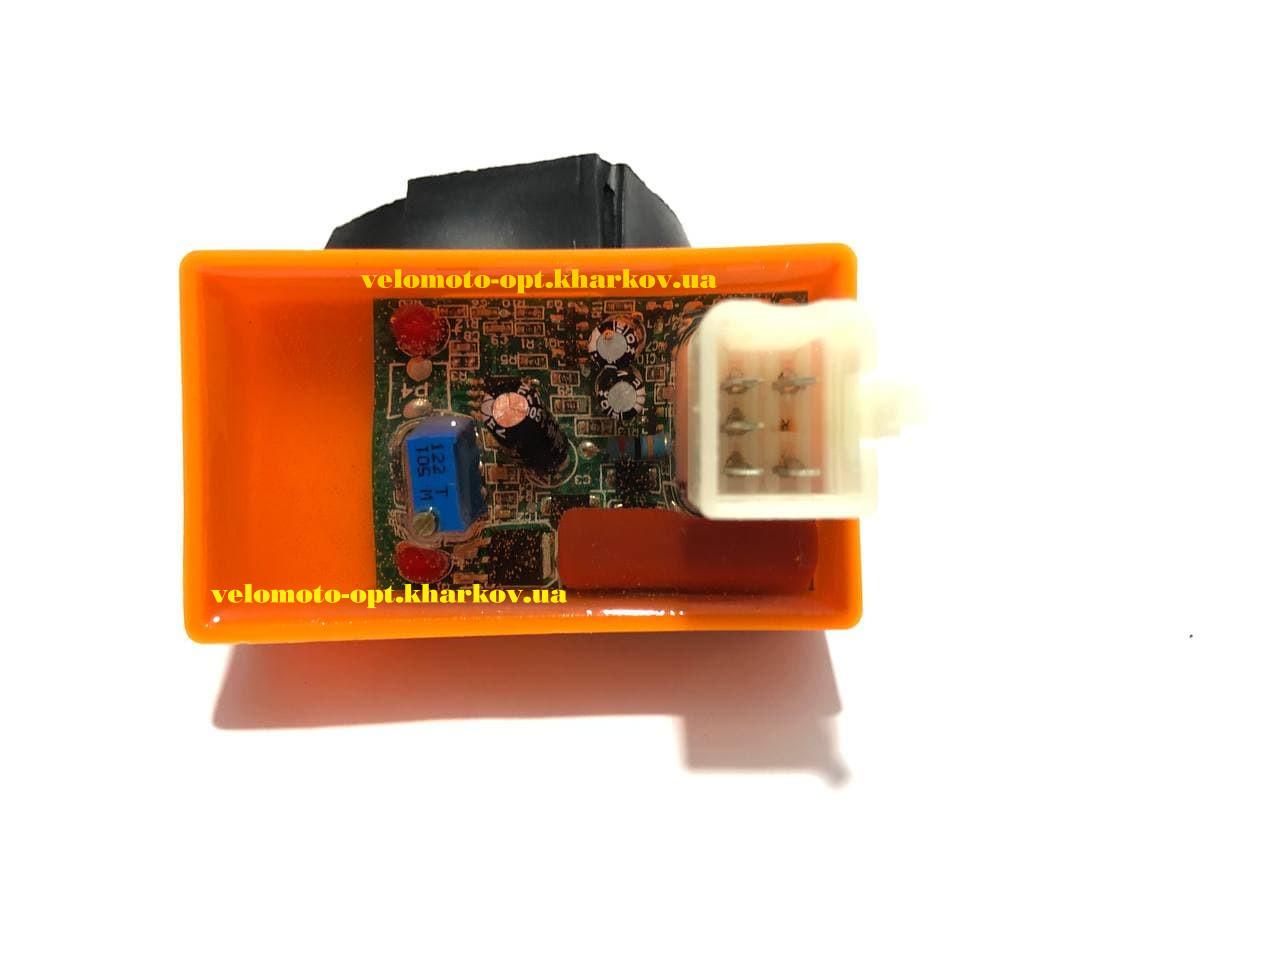 Коммутатор Дельта 4т 70-125 с регулировкой угла зажигания GO